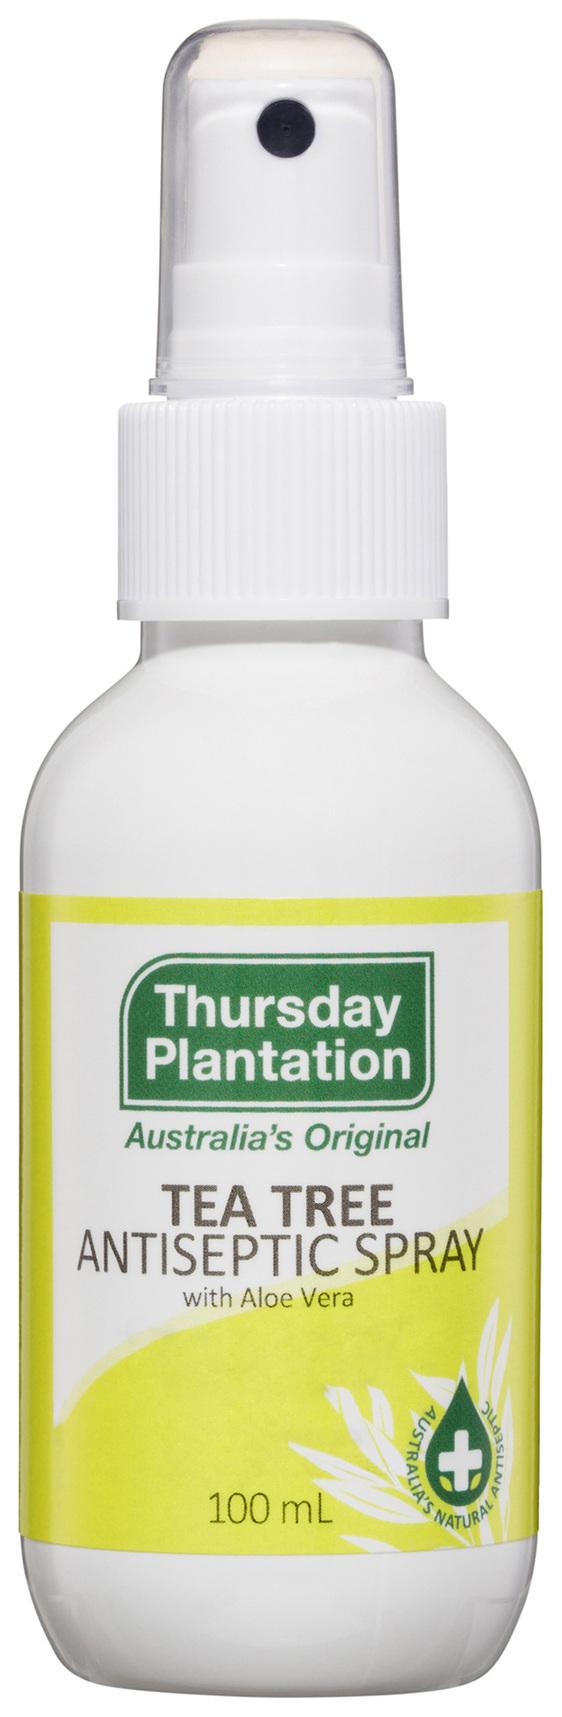 Thursday Plantation Tea Tree Antiseptic Spray With Aloe Vera 100mL